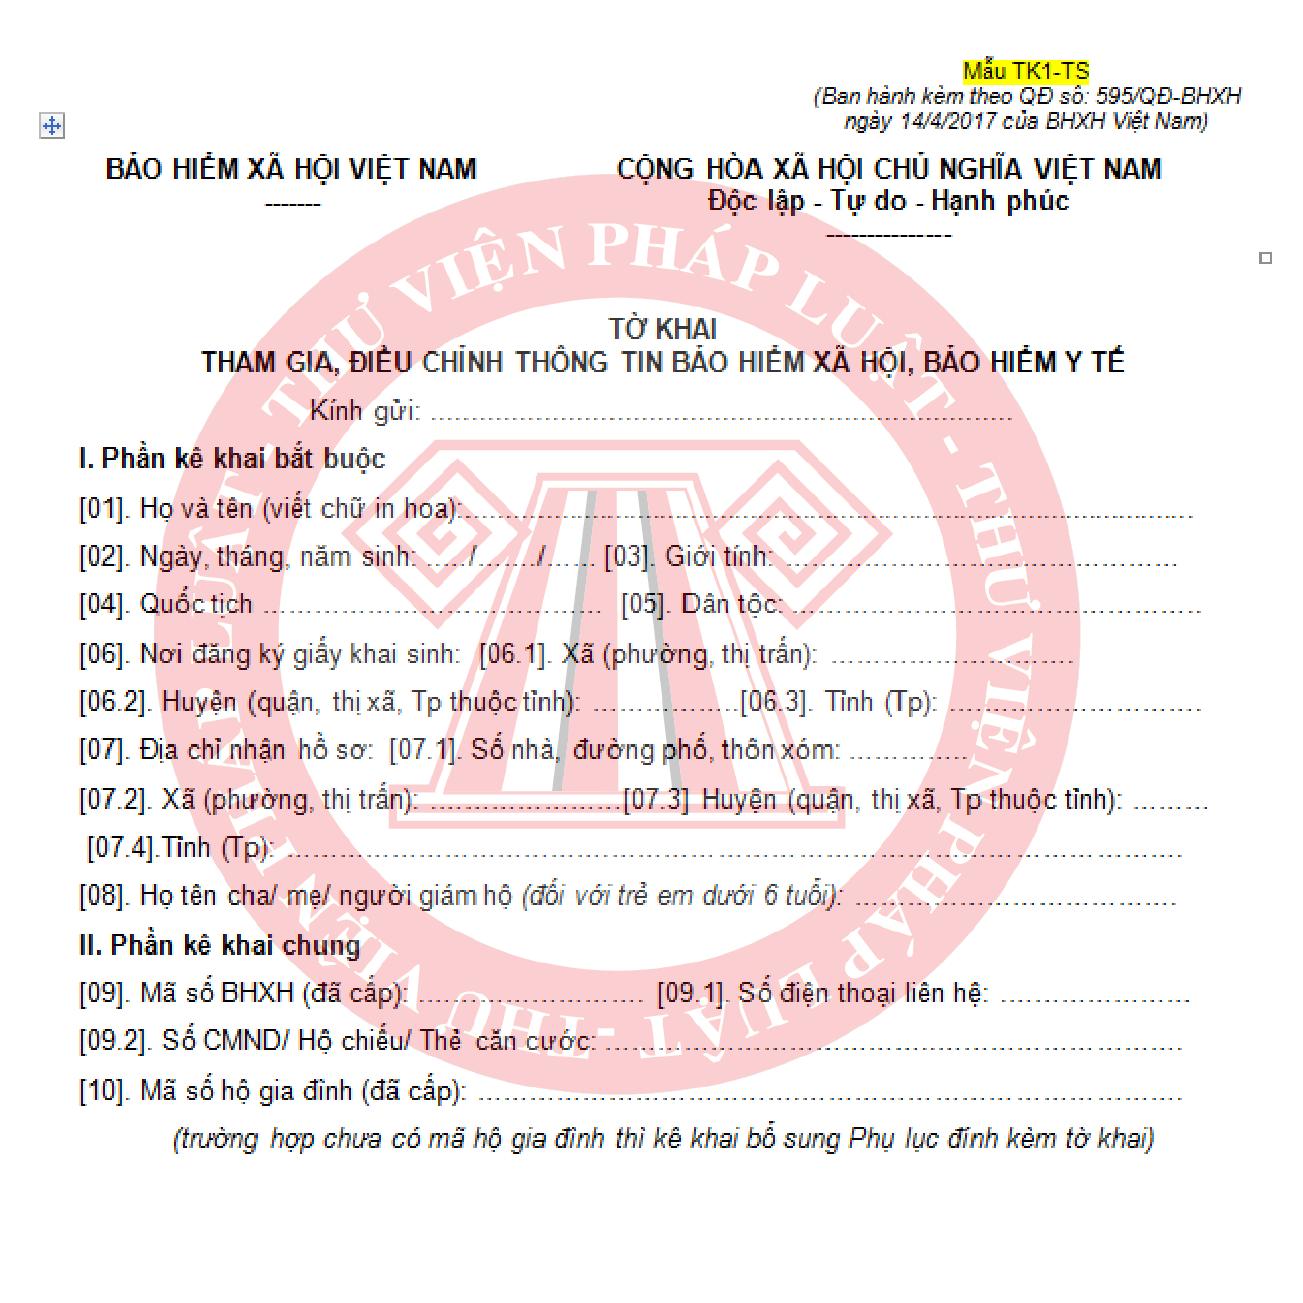 Hướng dẫn lập Mẫu TK1-TS để được cấp mã số BHXH